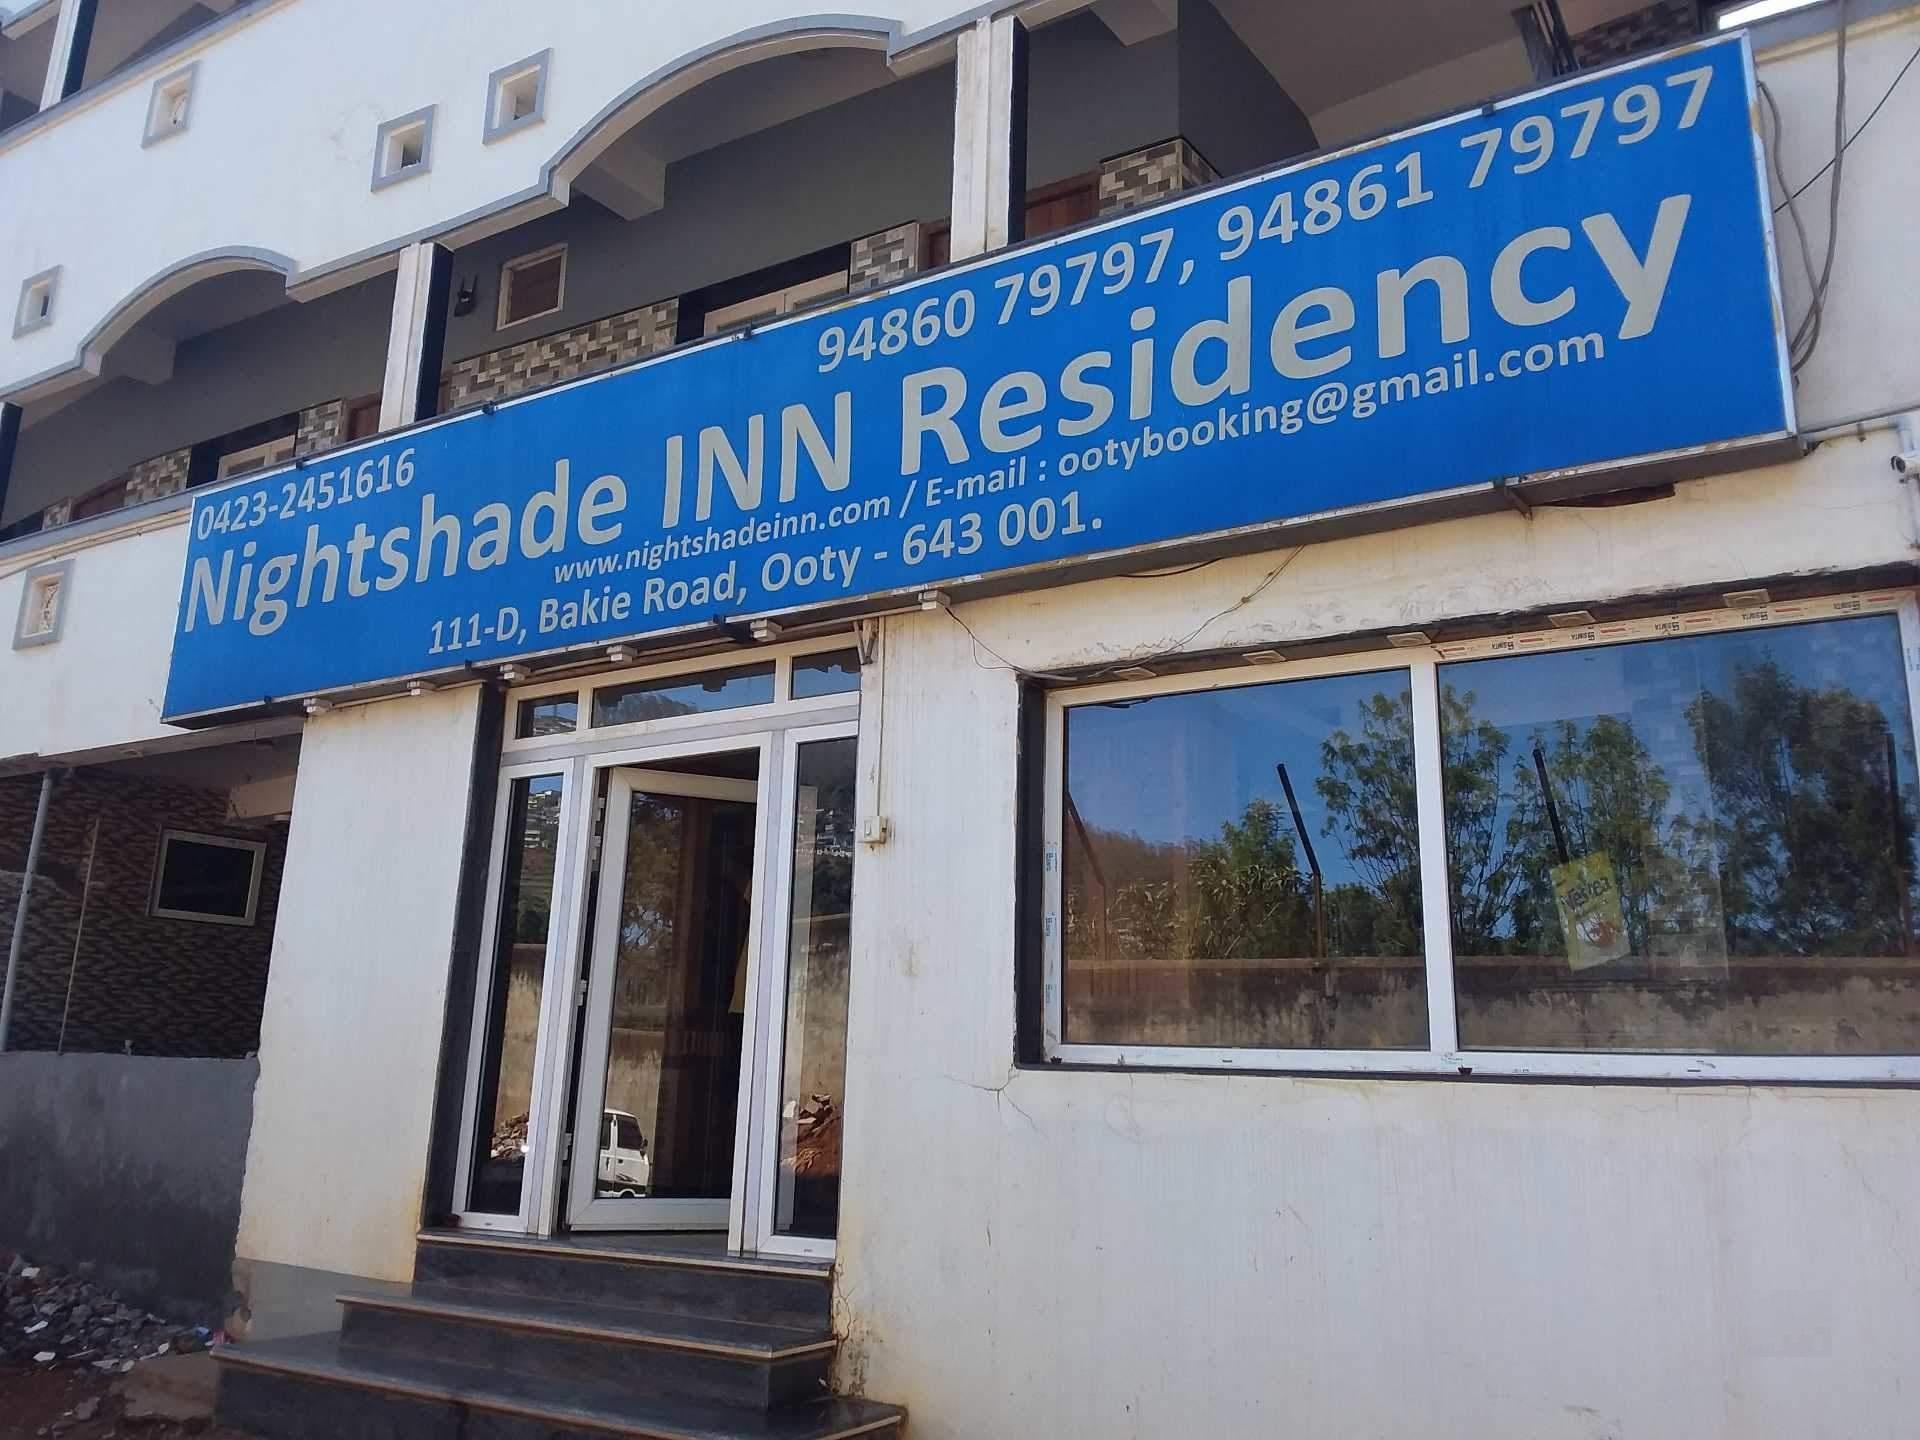 Nightshade Inn Residency - Ooty Image